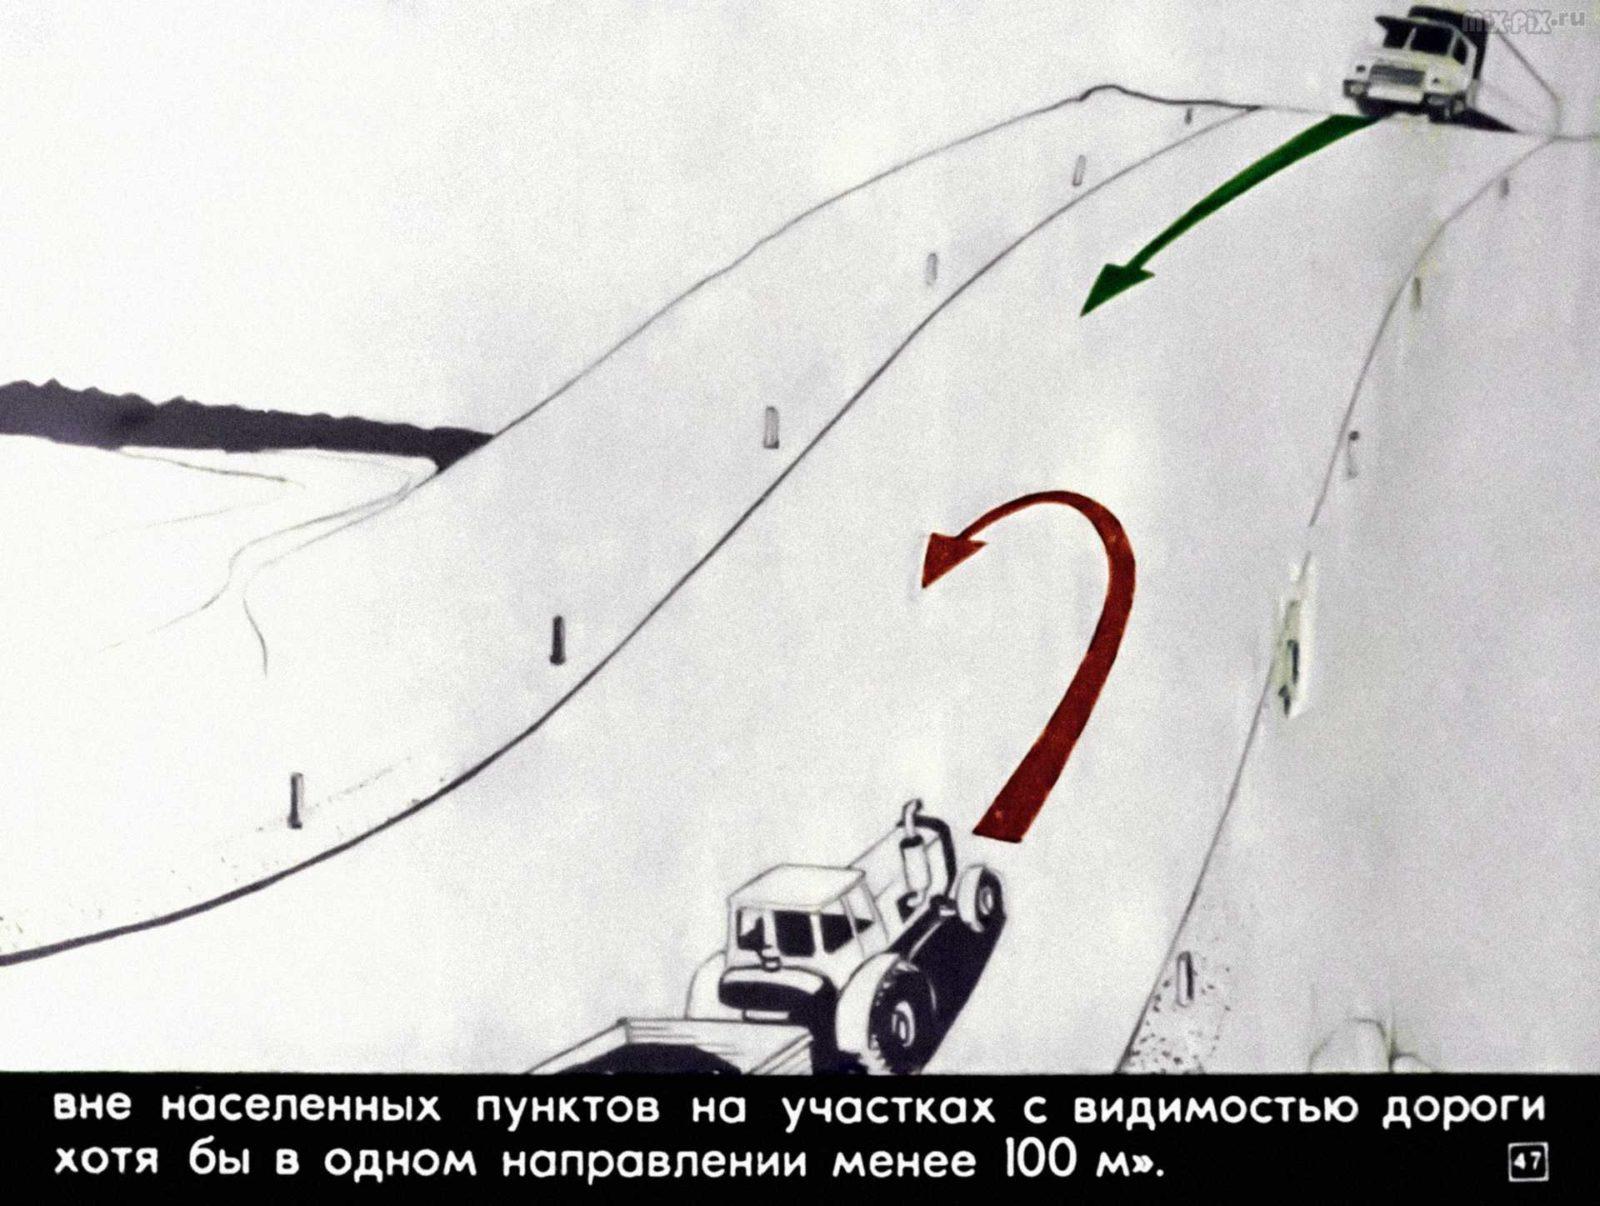 Правила дорожного движения. Расположение транспортных средств на проезжей части. Начало движения. Маневрирование (1983) 54